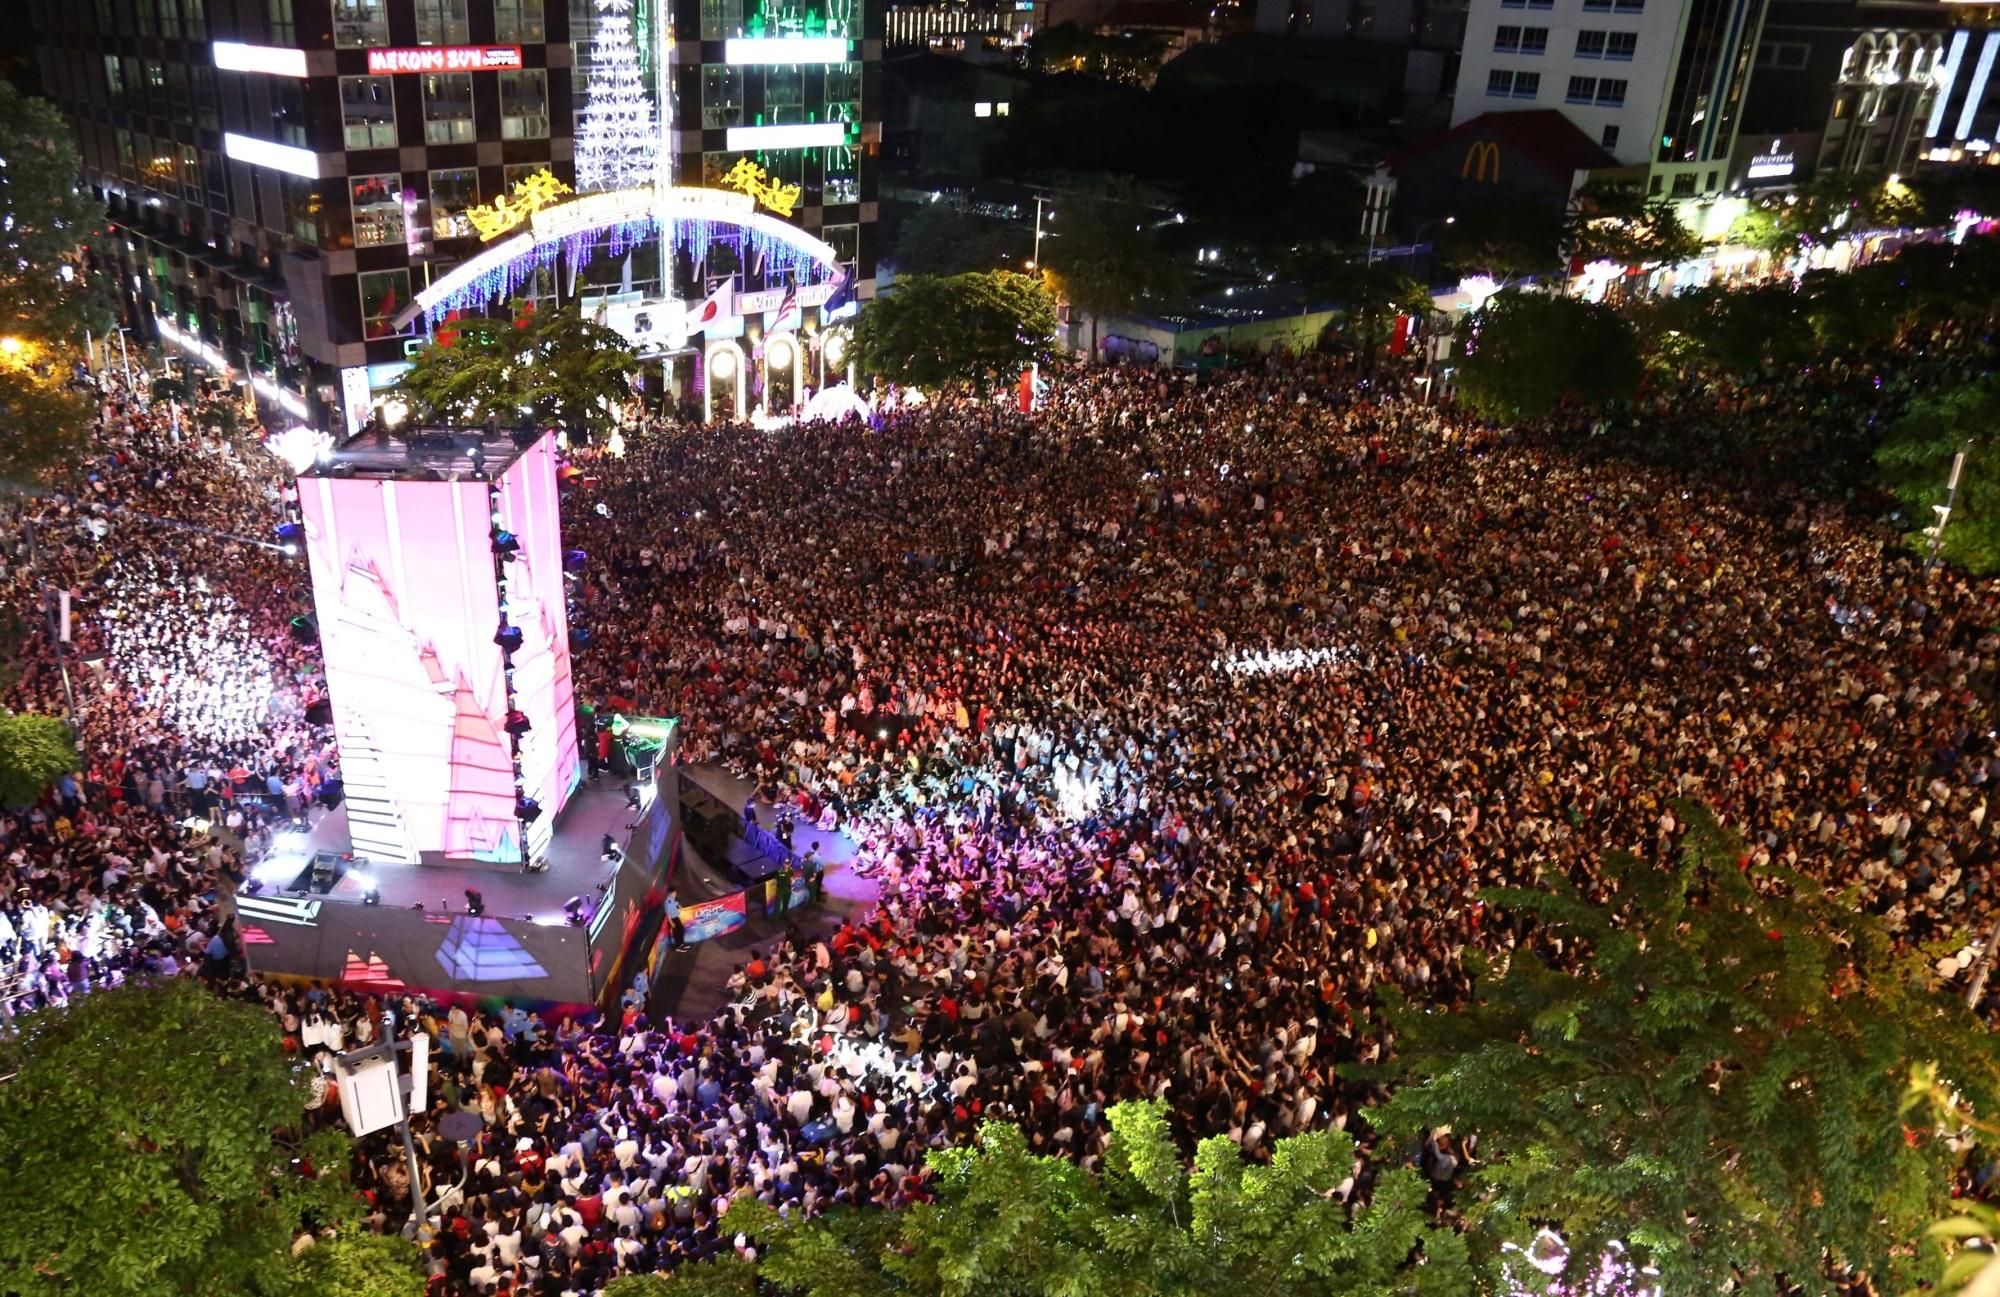 Hàng triệu người dân Sài Gòn xuống phố đón màn pháo hoa rực rỡ mừng năm mới 2019 - Ảnh 24